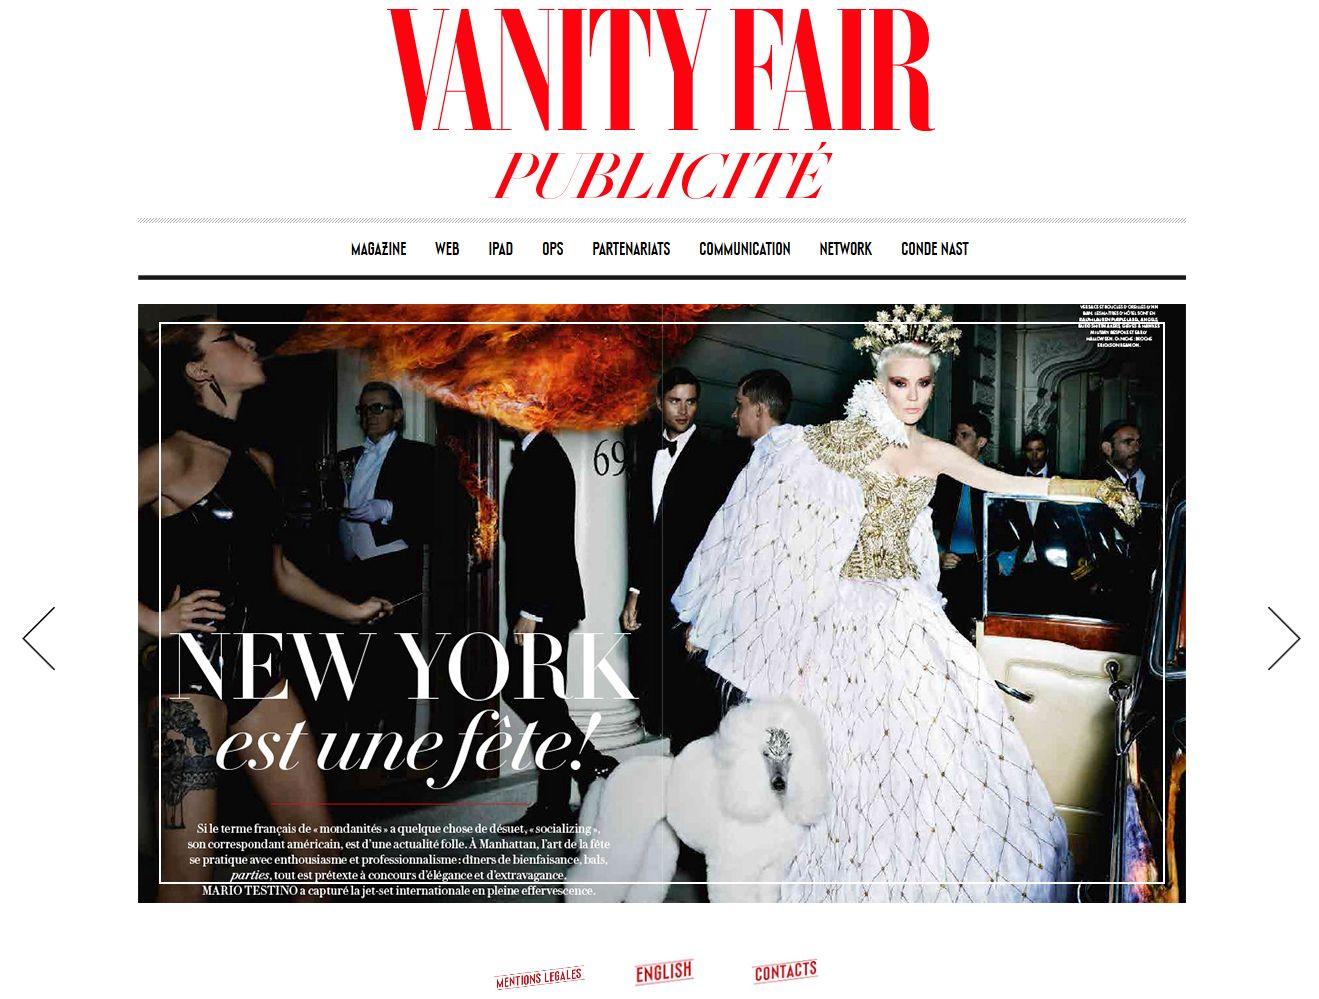 Vanity Fair Publicité